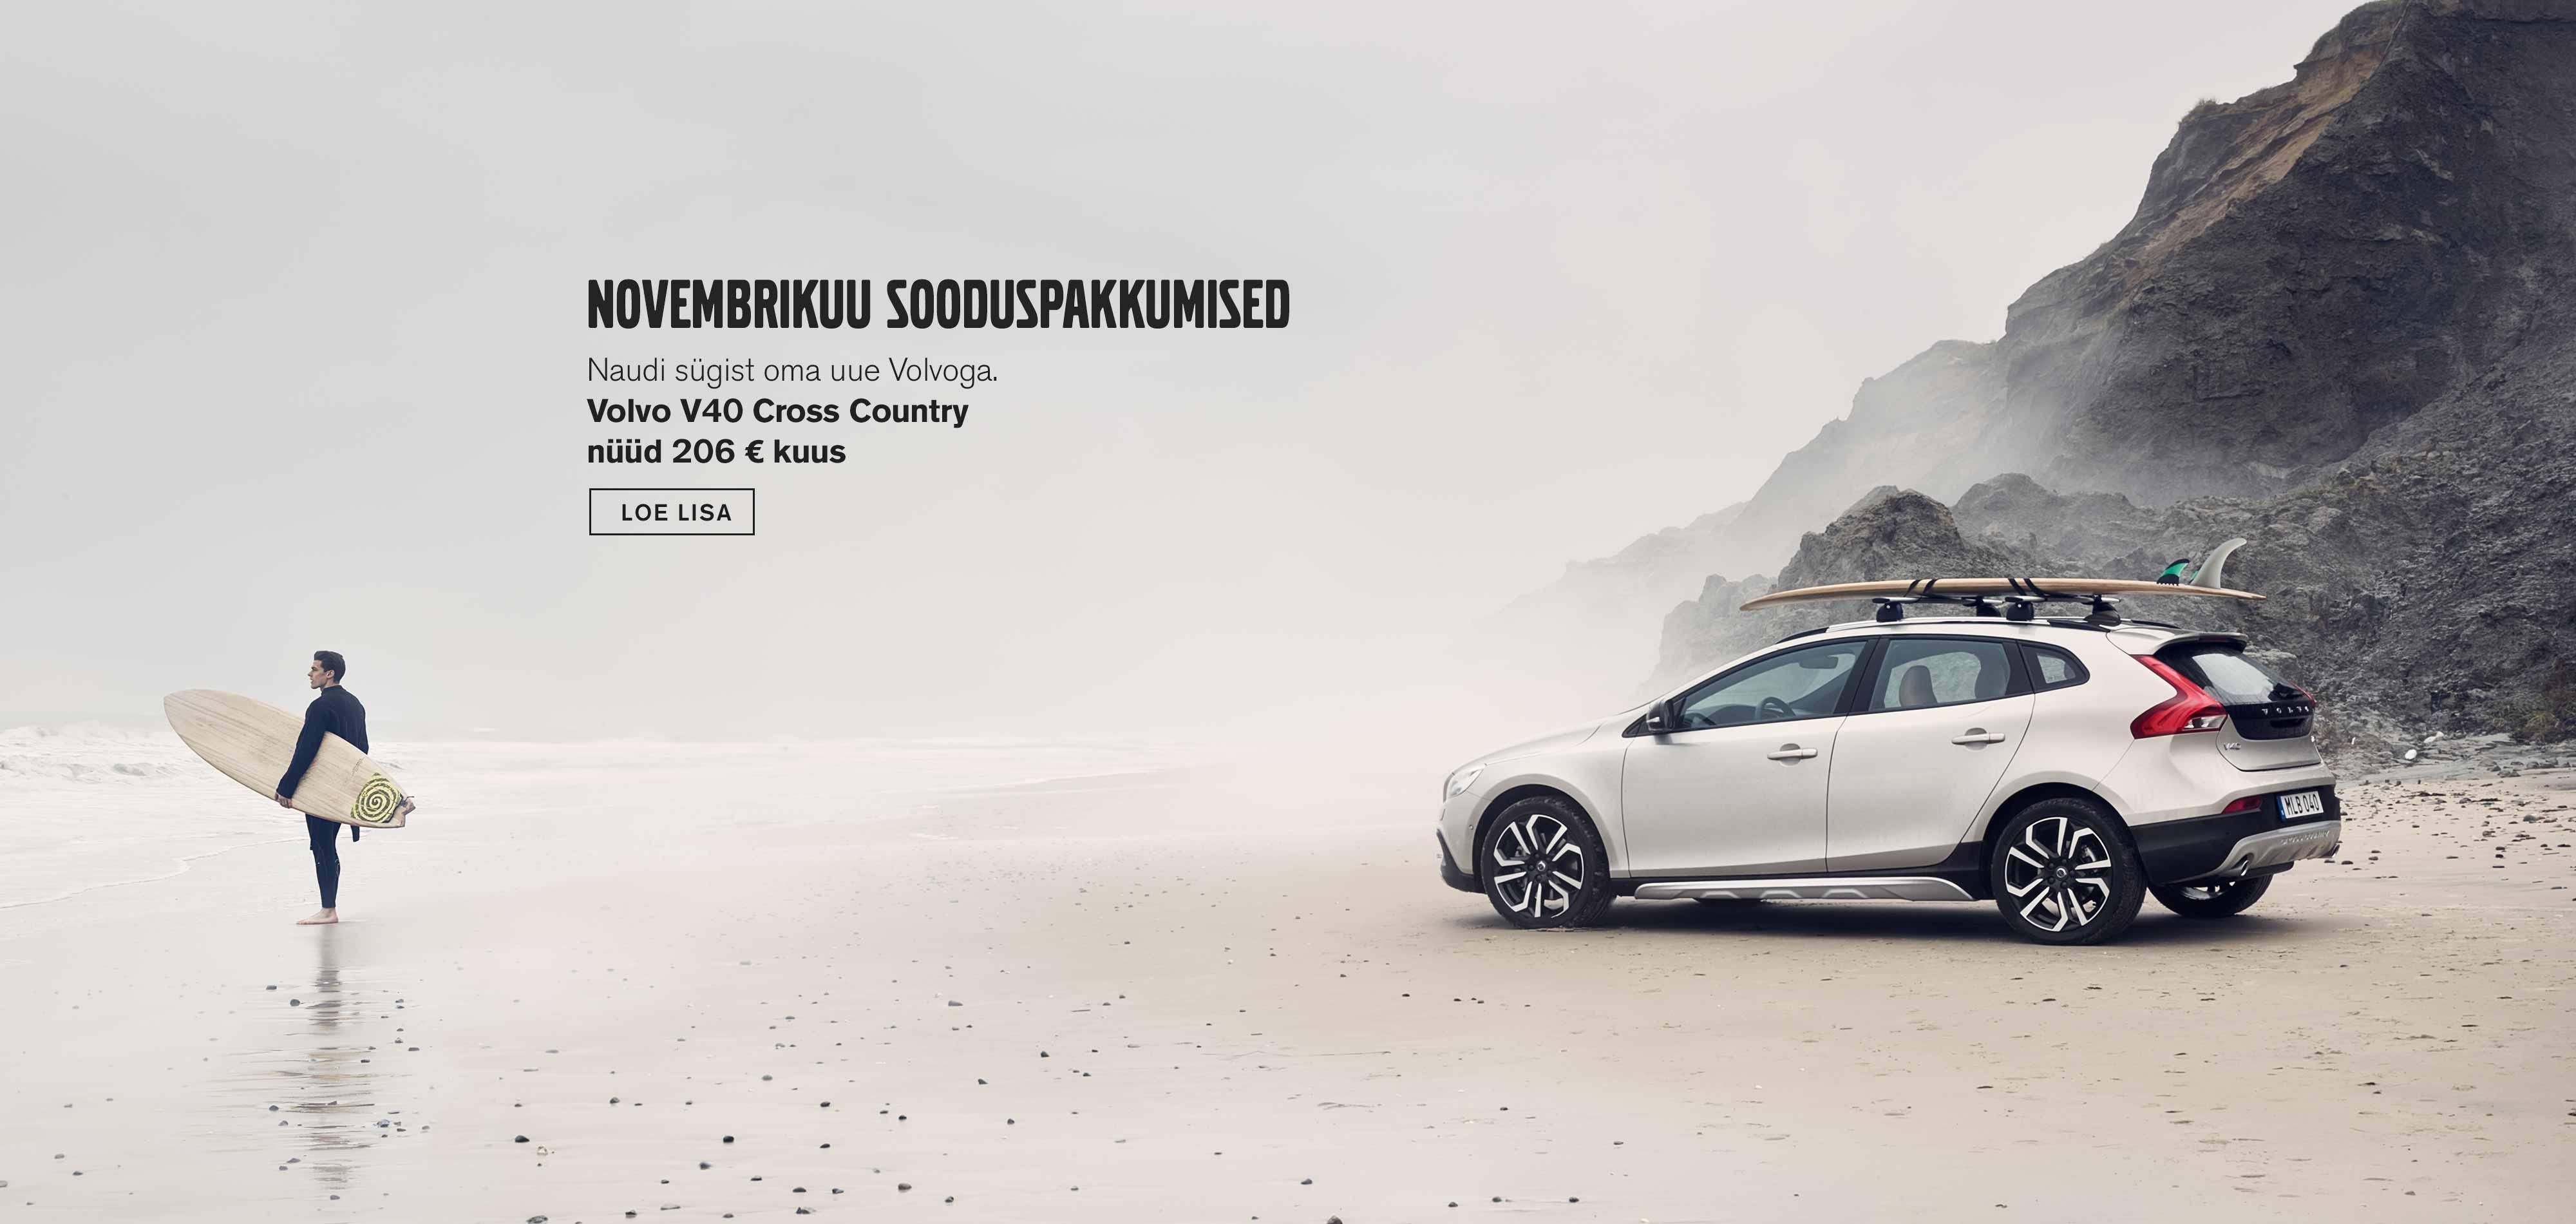 Volvo V40 Cross Country novembrikuu sooduspakkumised